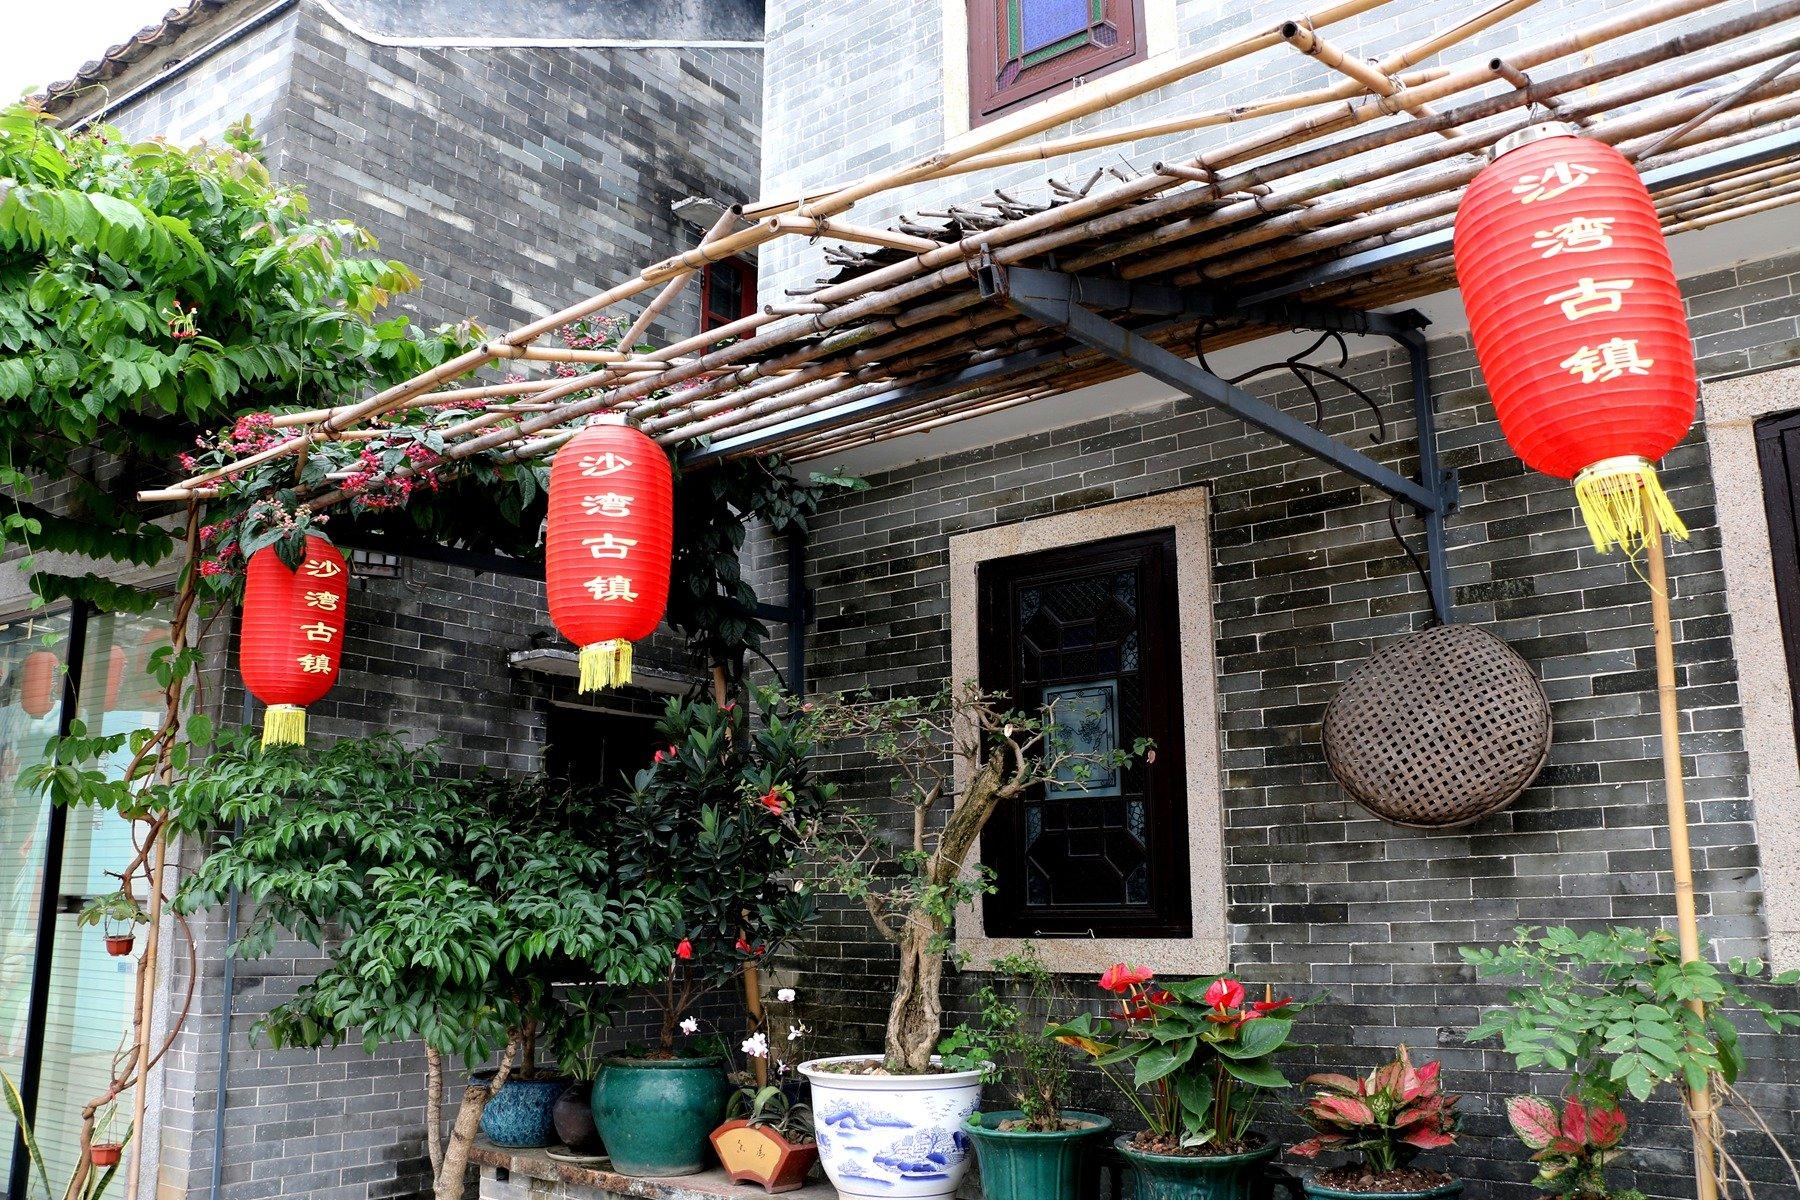 三天两夜,玩转不一样的广州,相信你也喜欢